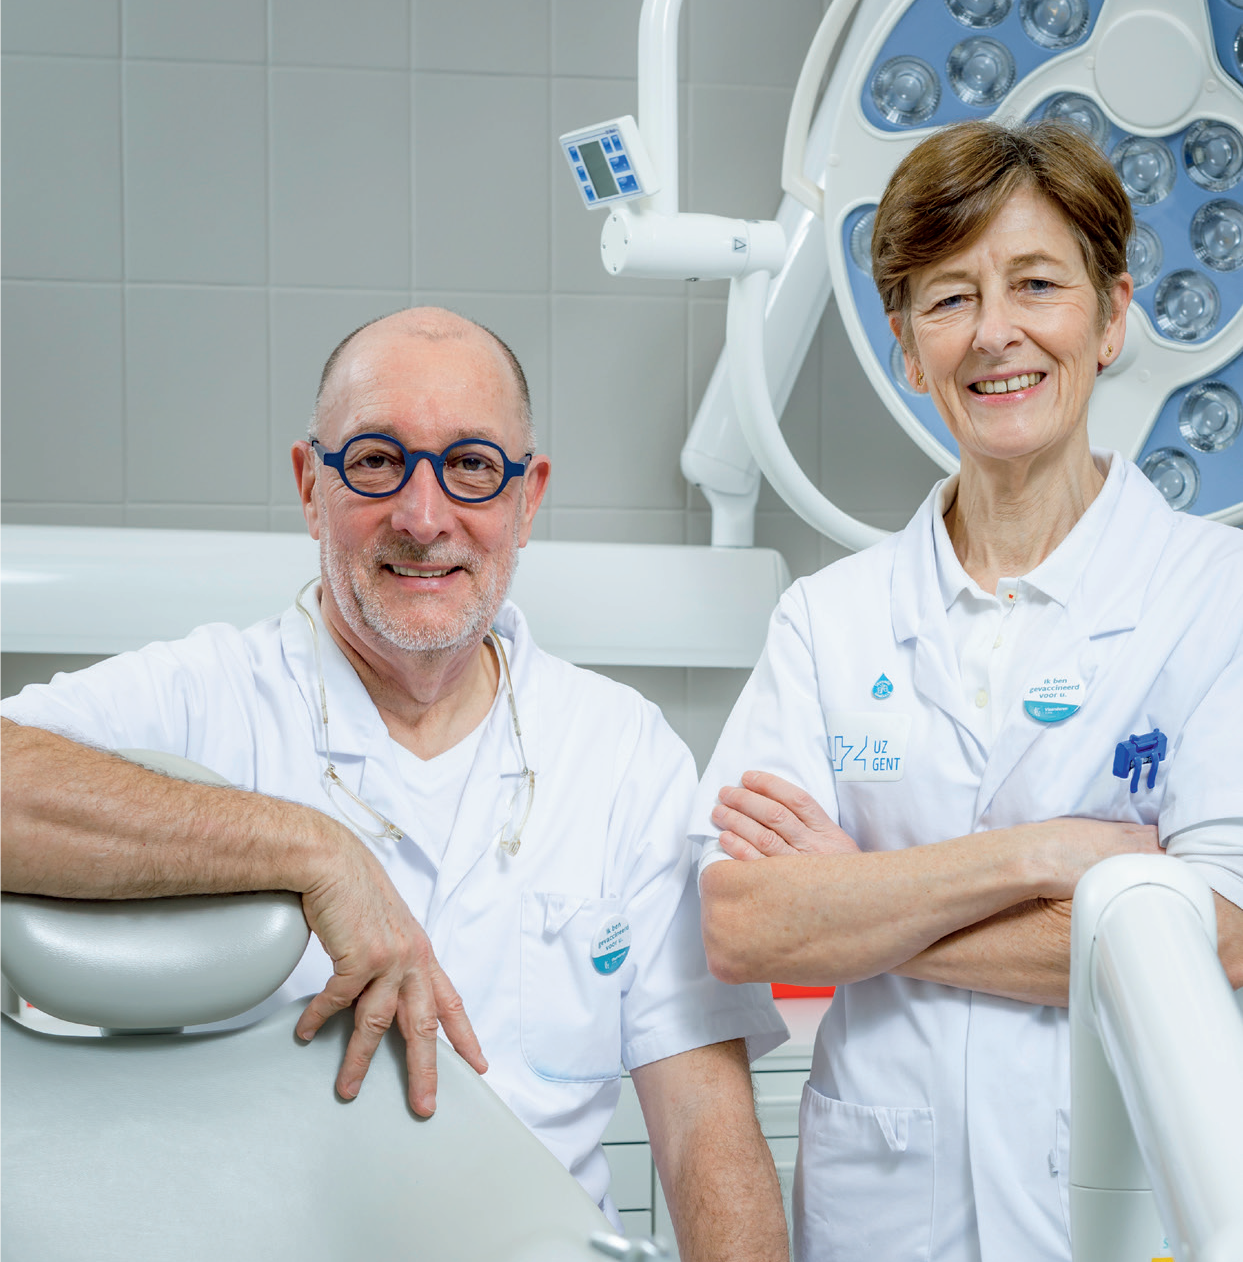 10 ans de Biodentine™ : entretien avec les professeurs Rita Cauwels et Luc Martens de l'Université de Gand